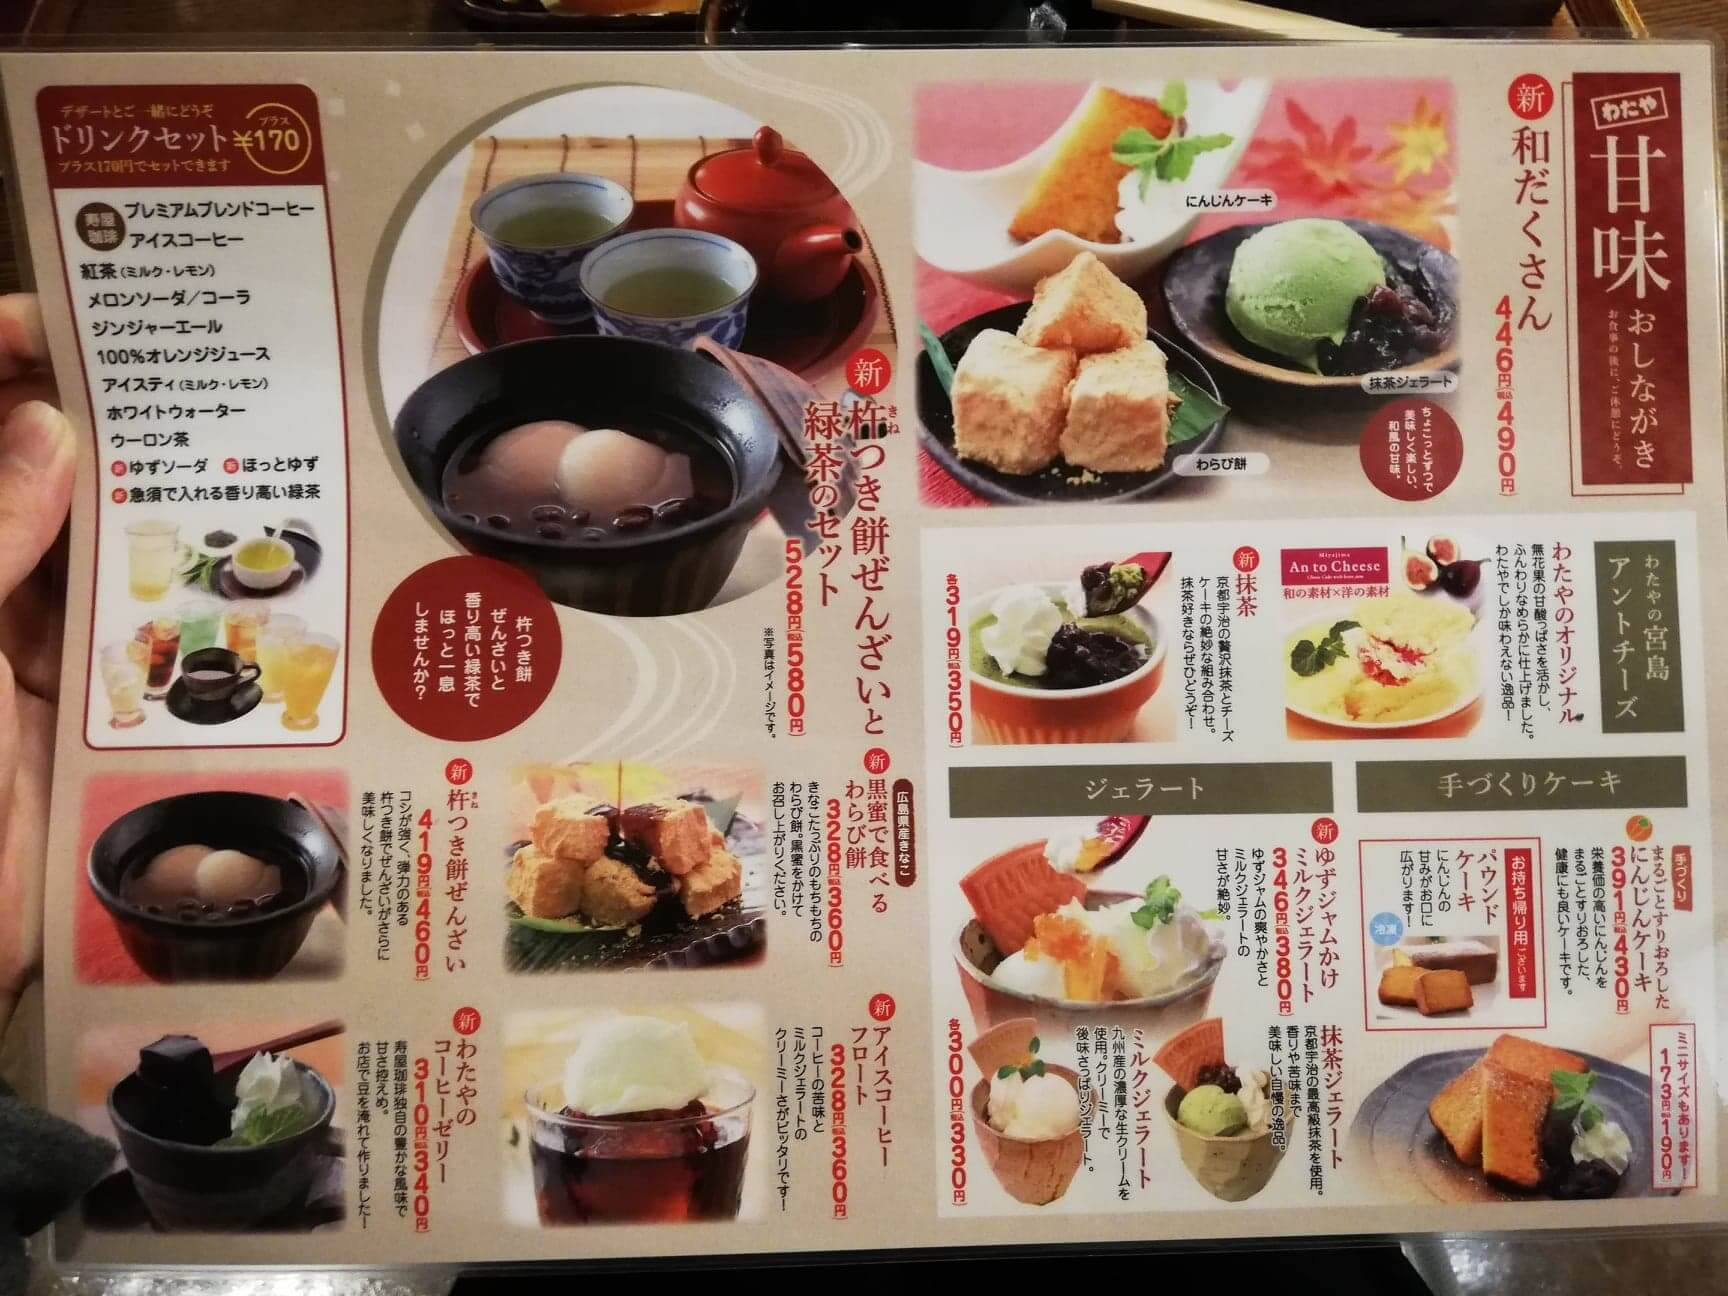 広島県の前空駅『田舎茶屋わたや大野店』のデザートメニュー表写真